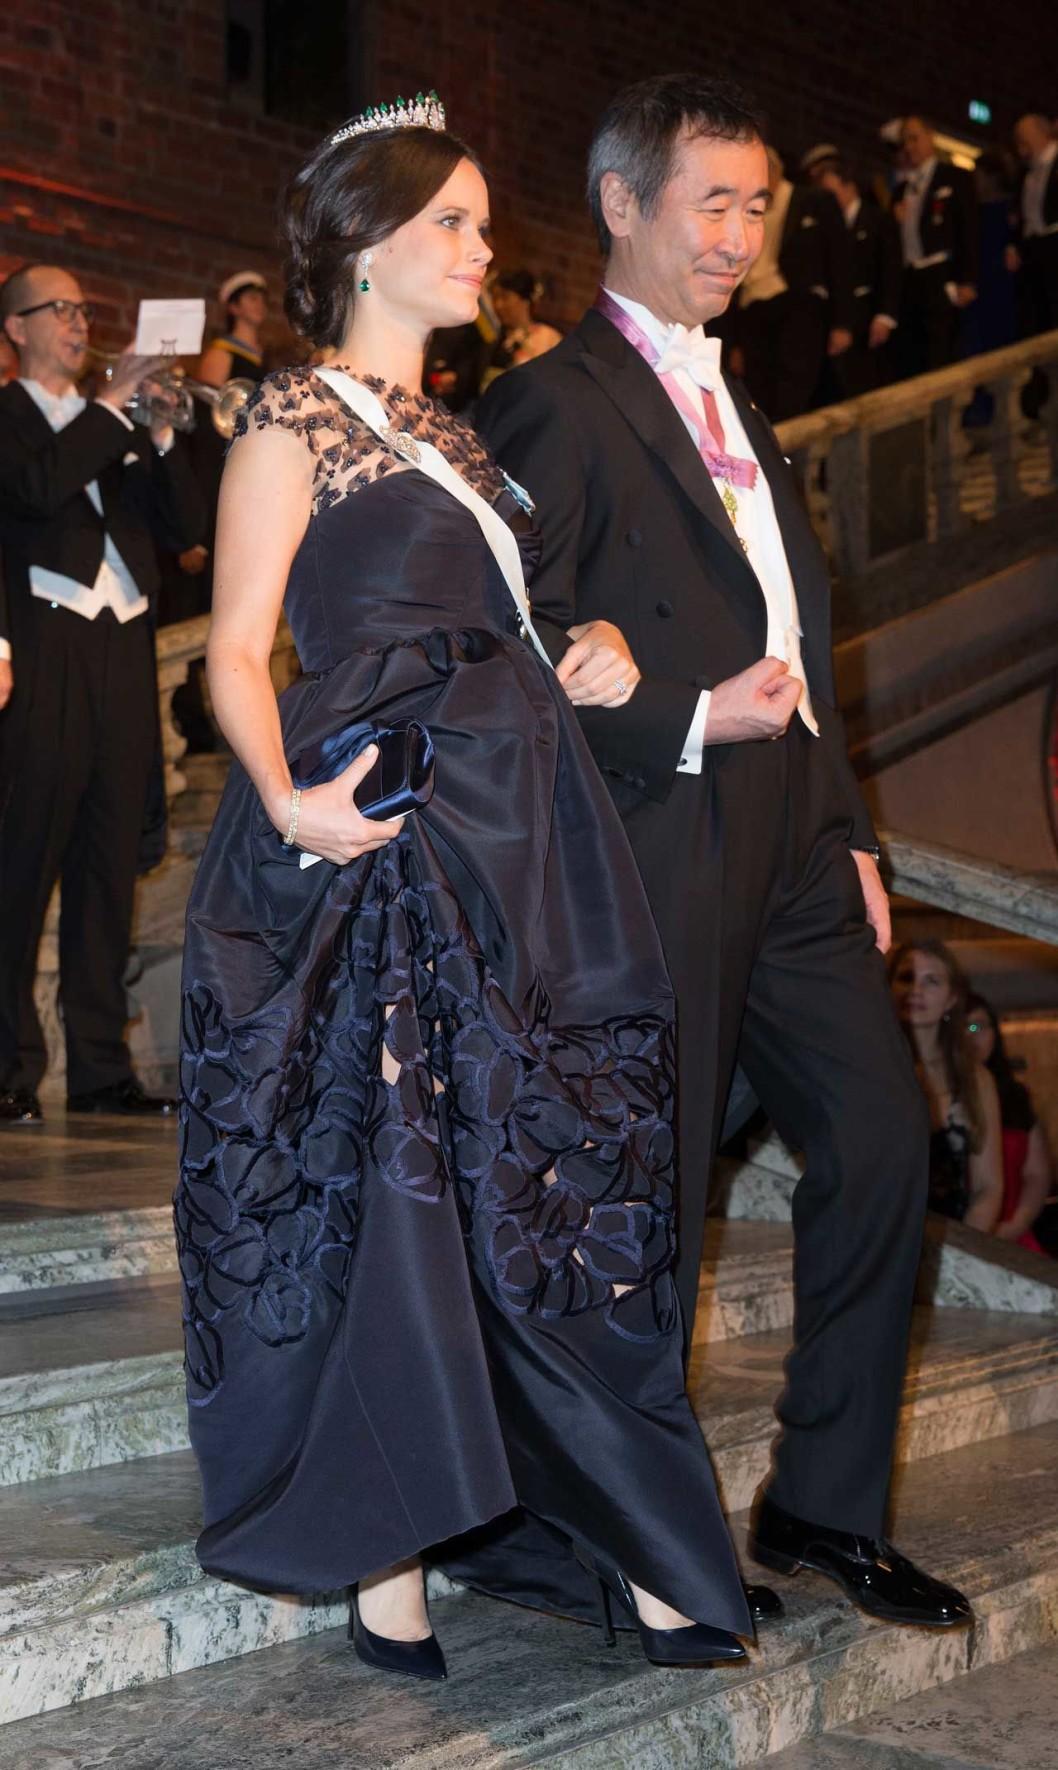 Нобель 2015 г, тёмно-сине-чёрное платье от Oscar de la Renta несколько скрывает, что София ожидает первого ребёнка, тиара - её собственная ( с изумрудами), полученная в подарок на бракосочетание от королевской пары. Платье получило определённую критику за слишком высокую стоимость...